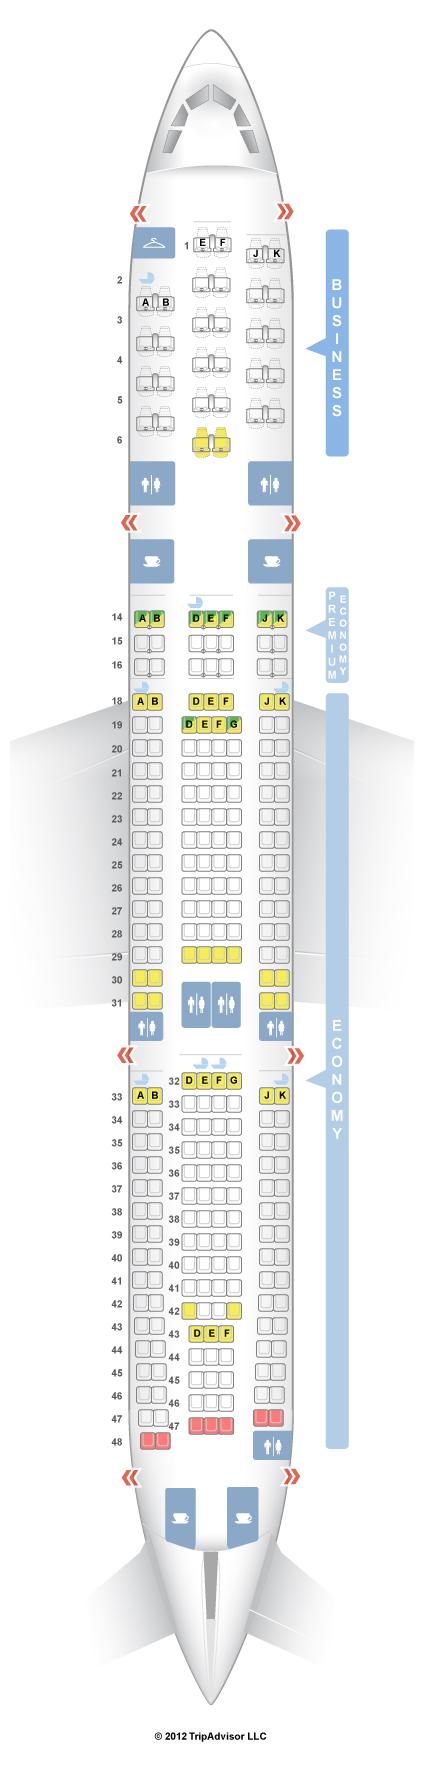 Seatguru Seat Map Air France Airbus A340 300 343